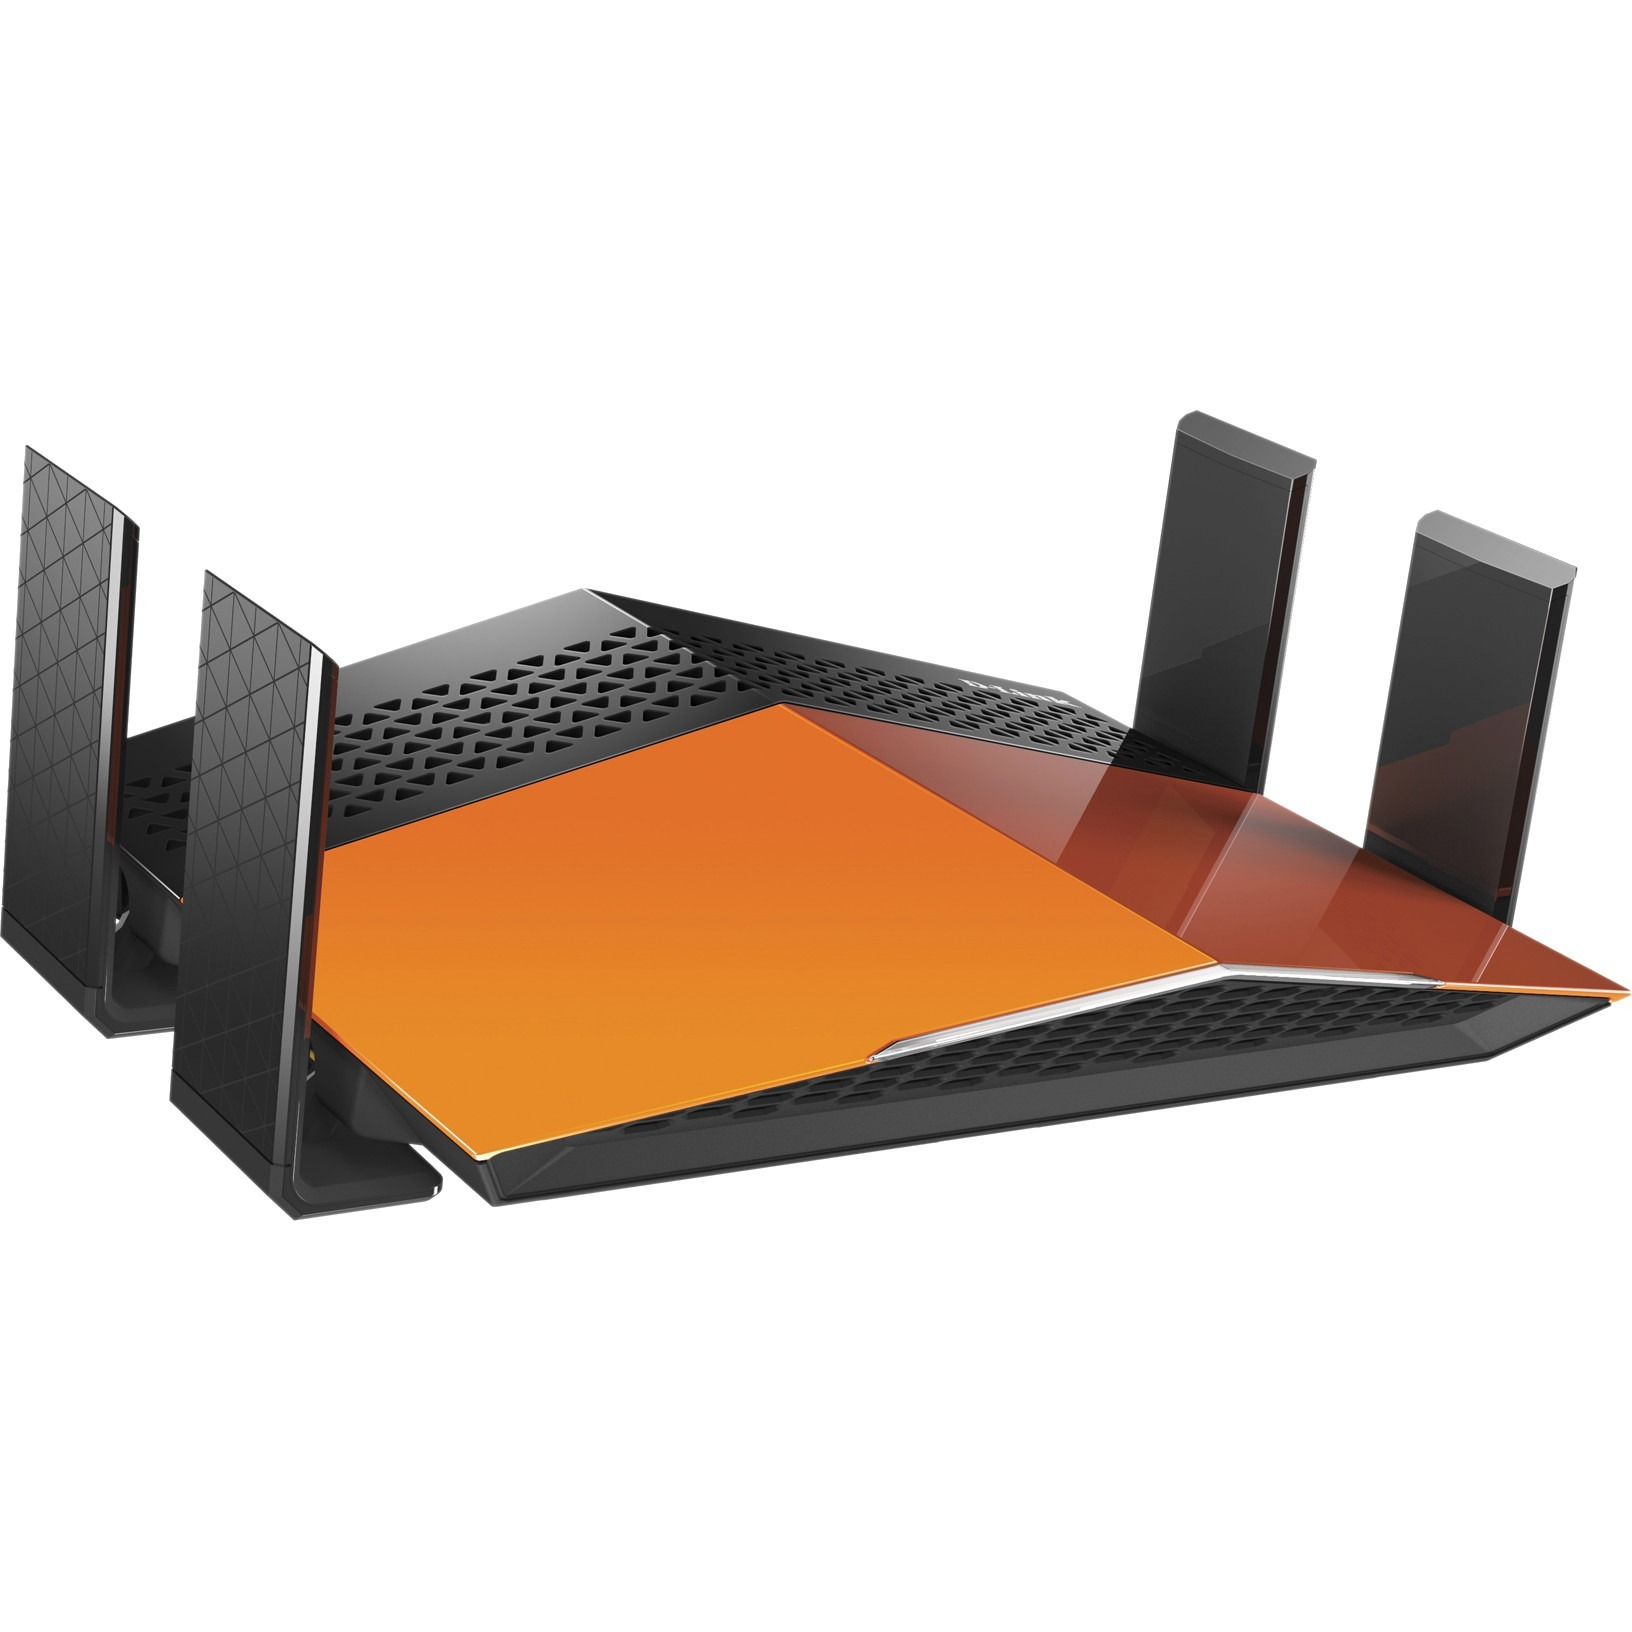 D-Link DIR-879 IEEE 802.11ac Ethernet Wireless Router